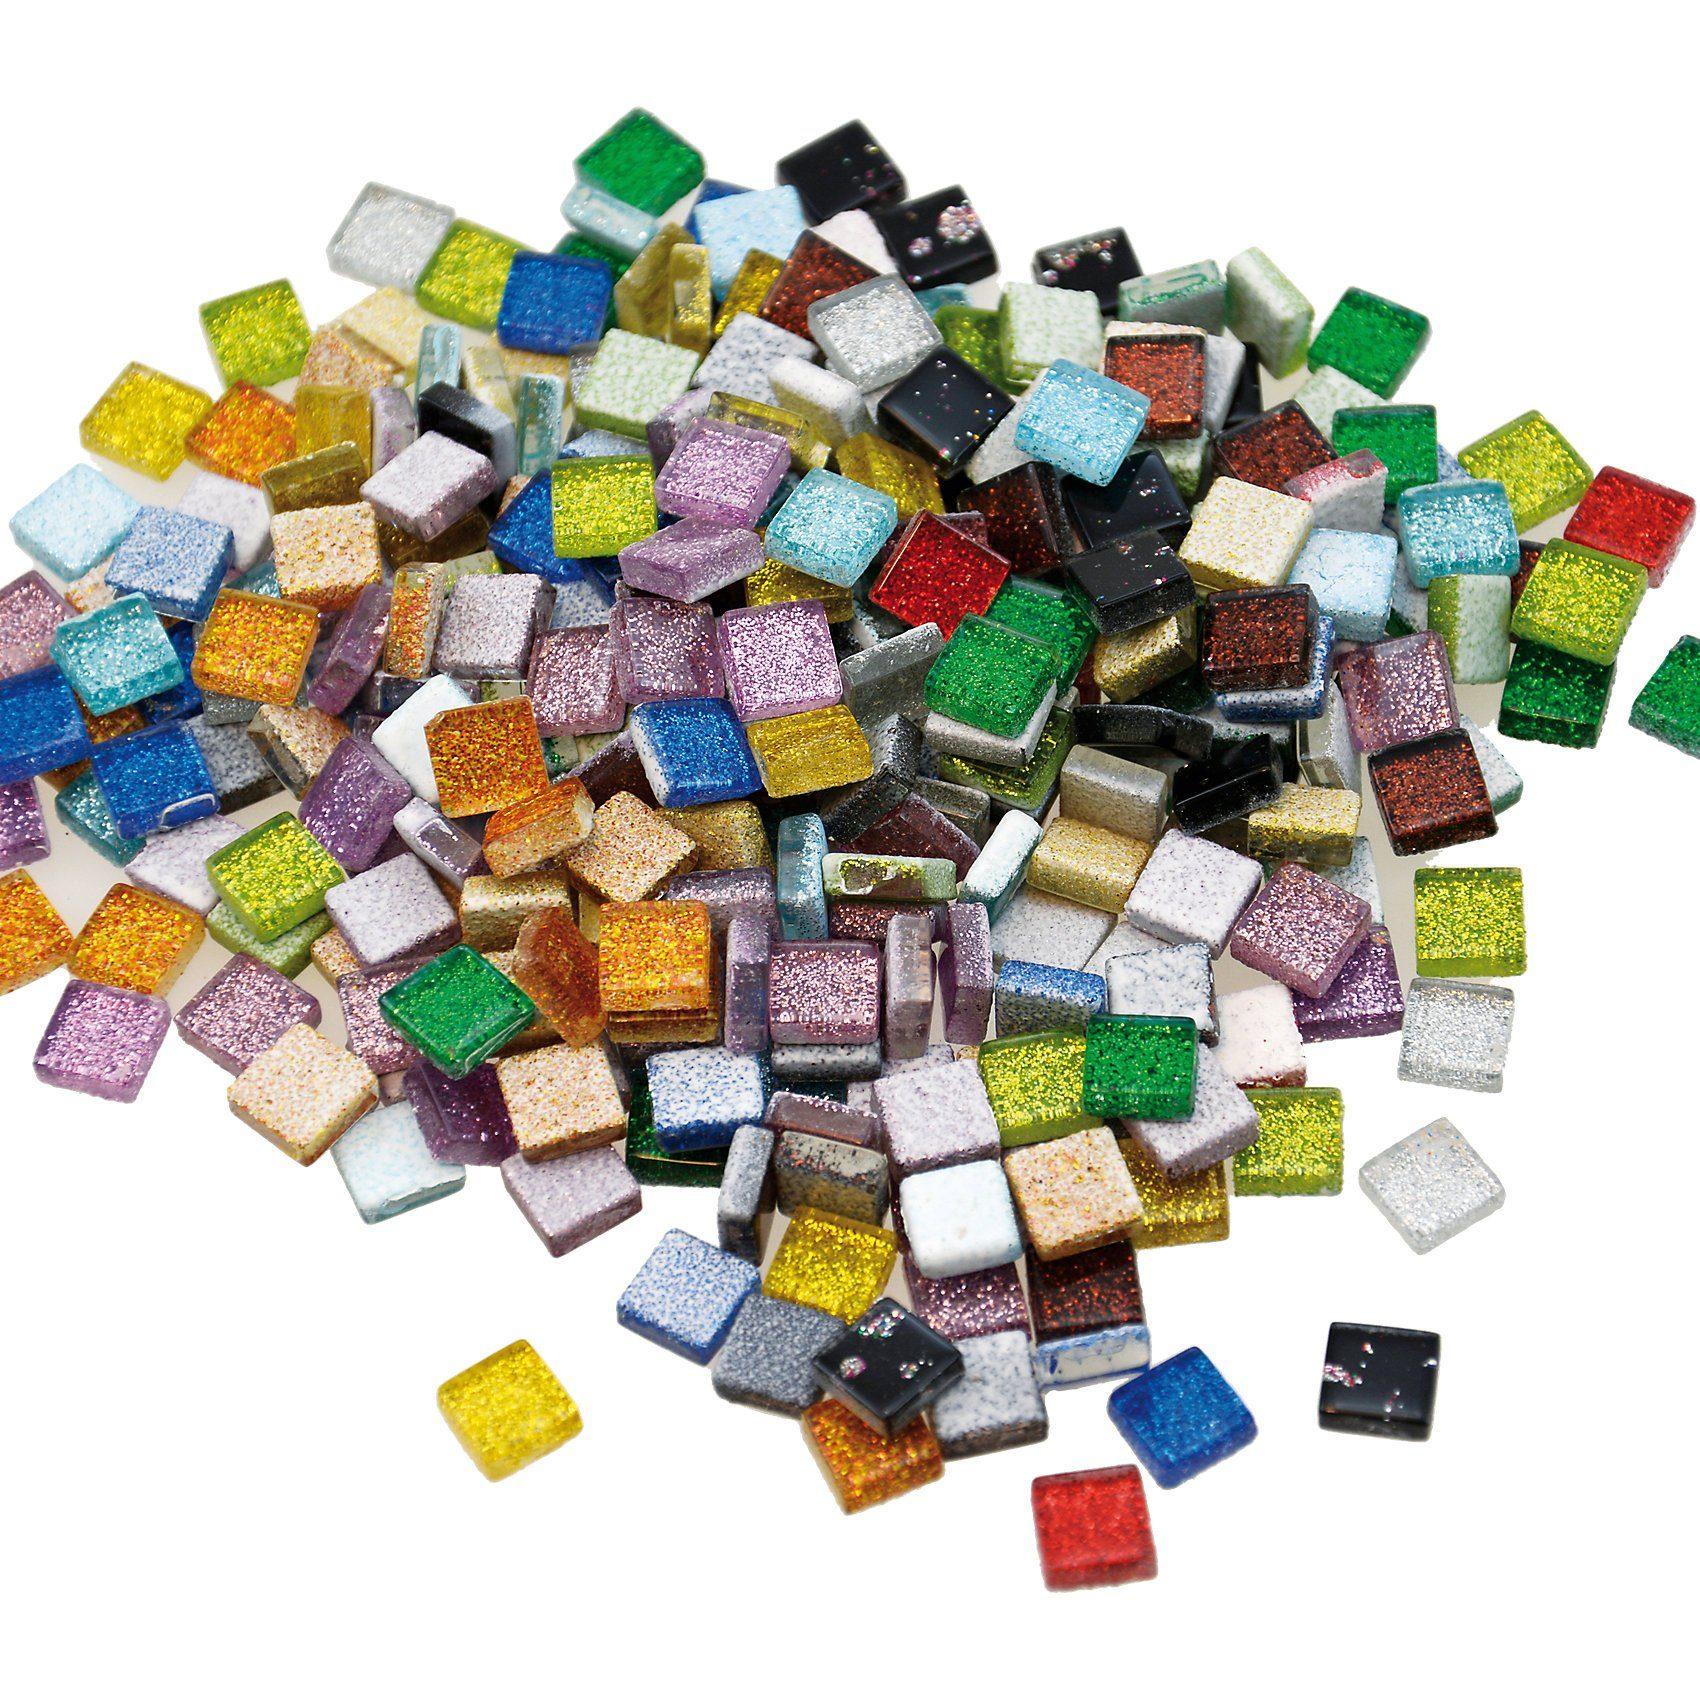 Playbox Glitzer-Mosaiksteine, 10 x 10 mm, 300 Stück